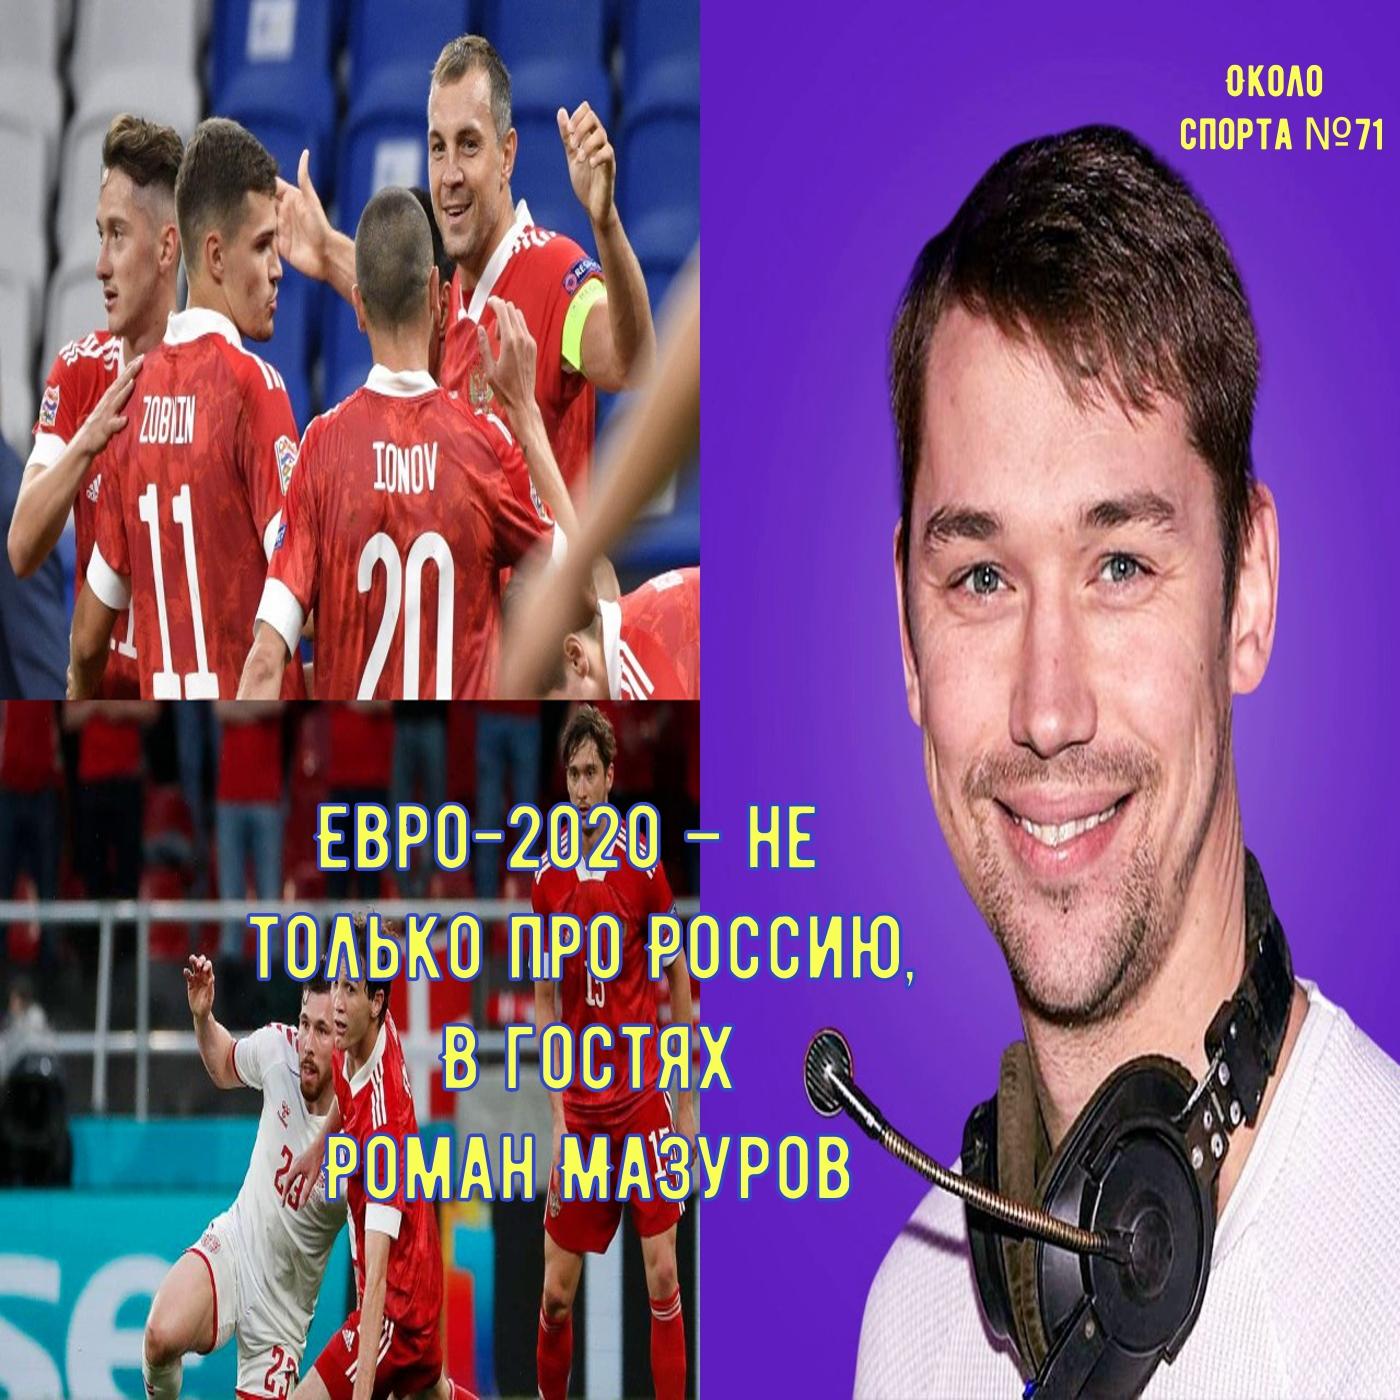 Евро-2020 – не только про Россию, В гостях Роман Мазуров - Около спорта